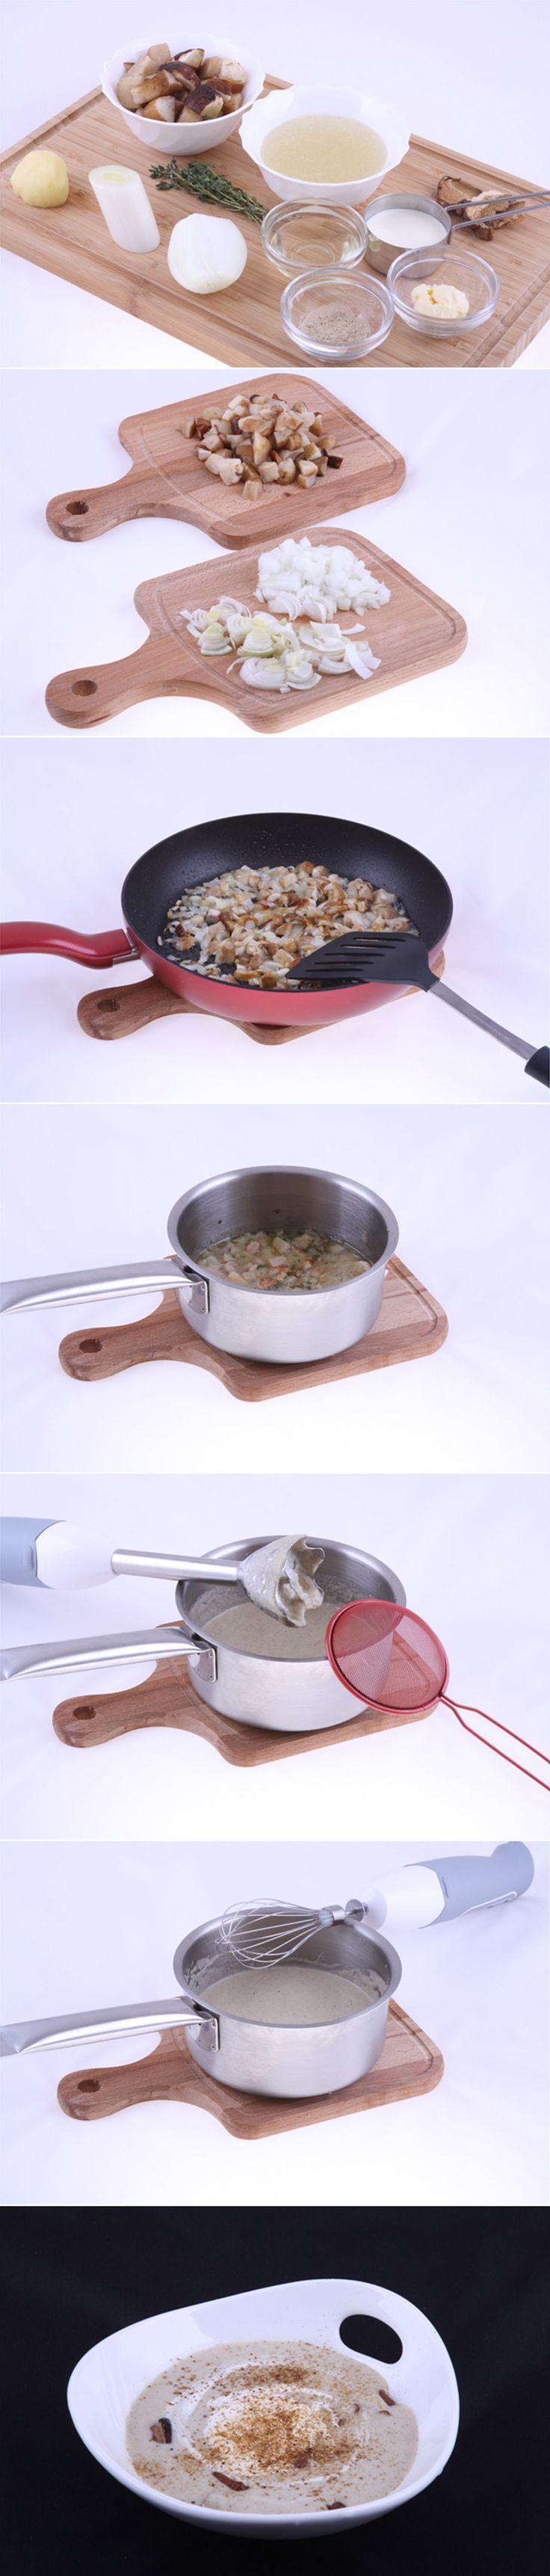 Суп капучино из белых грибов. Хочется чего-то необычного и изысканного? Есть простой рецепт французской кухни! Время приготовления всего лишь 25 минут. Полный список ингредиентов и способ приготовления блюда вы можете увидеть в...http://vk.com/dinnerday; http://instagram.com/dinnerday #dinnerday